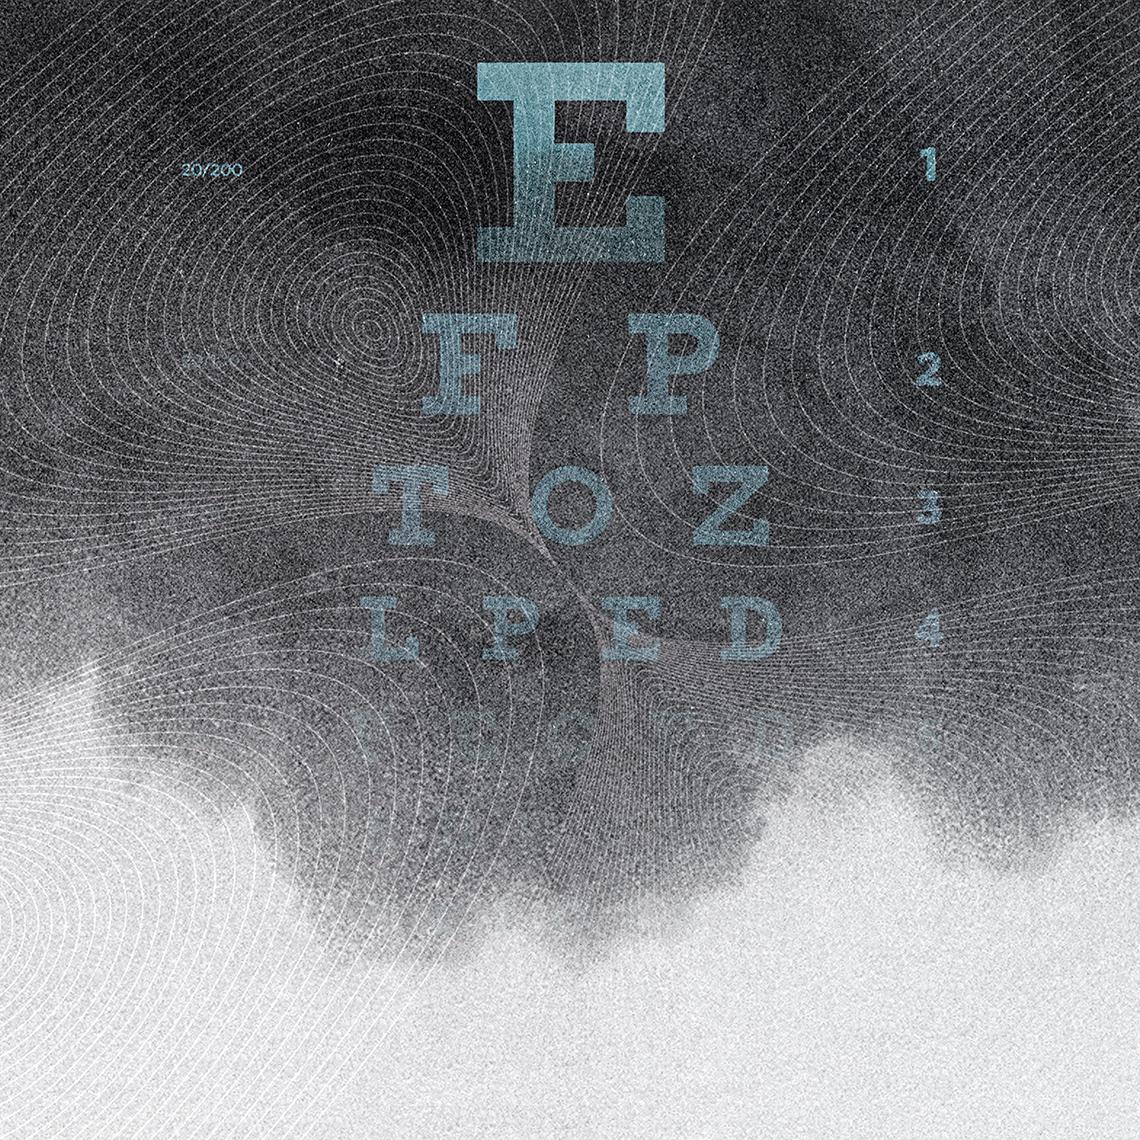 Tabla de examen ocular borrosa